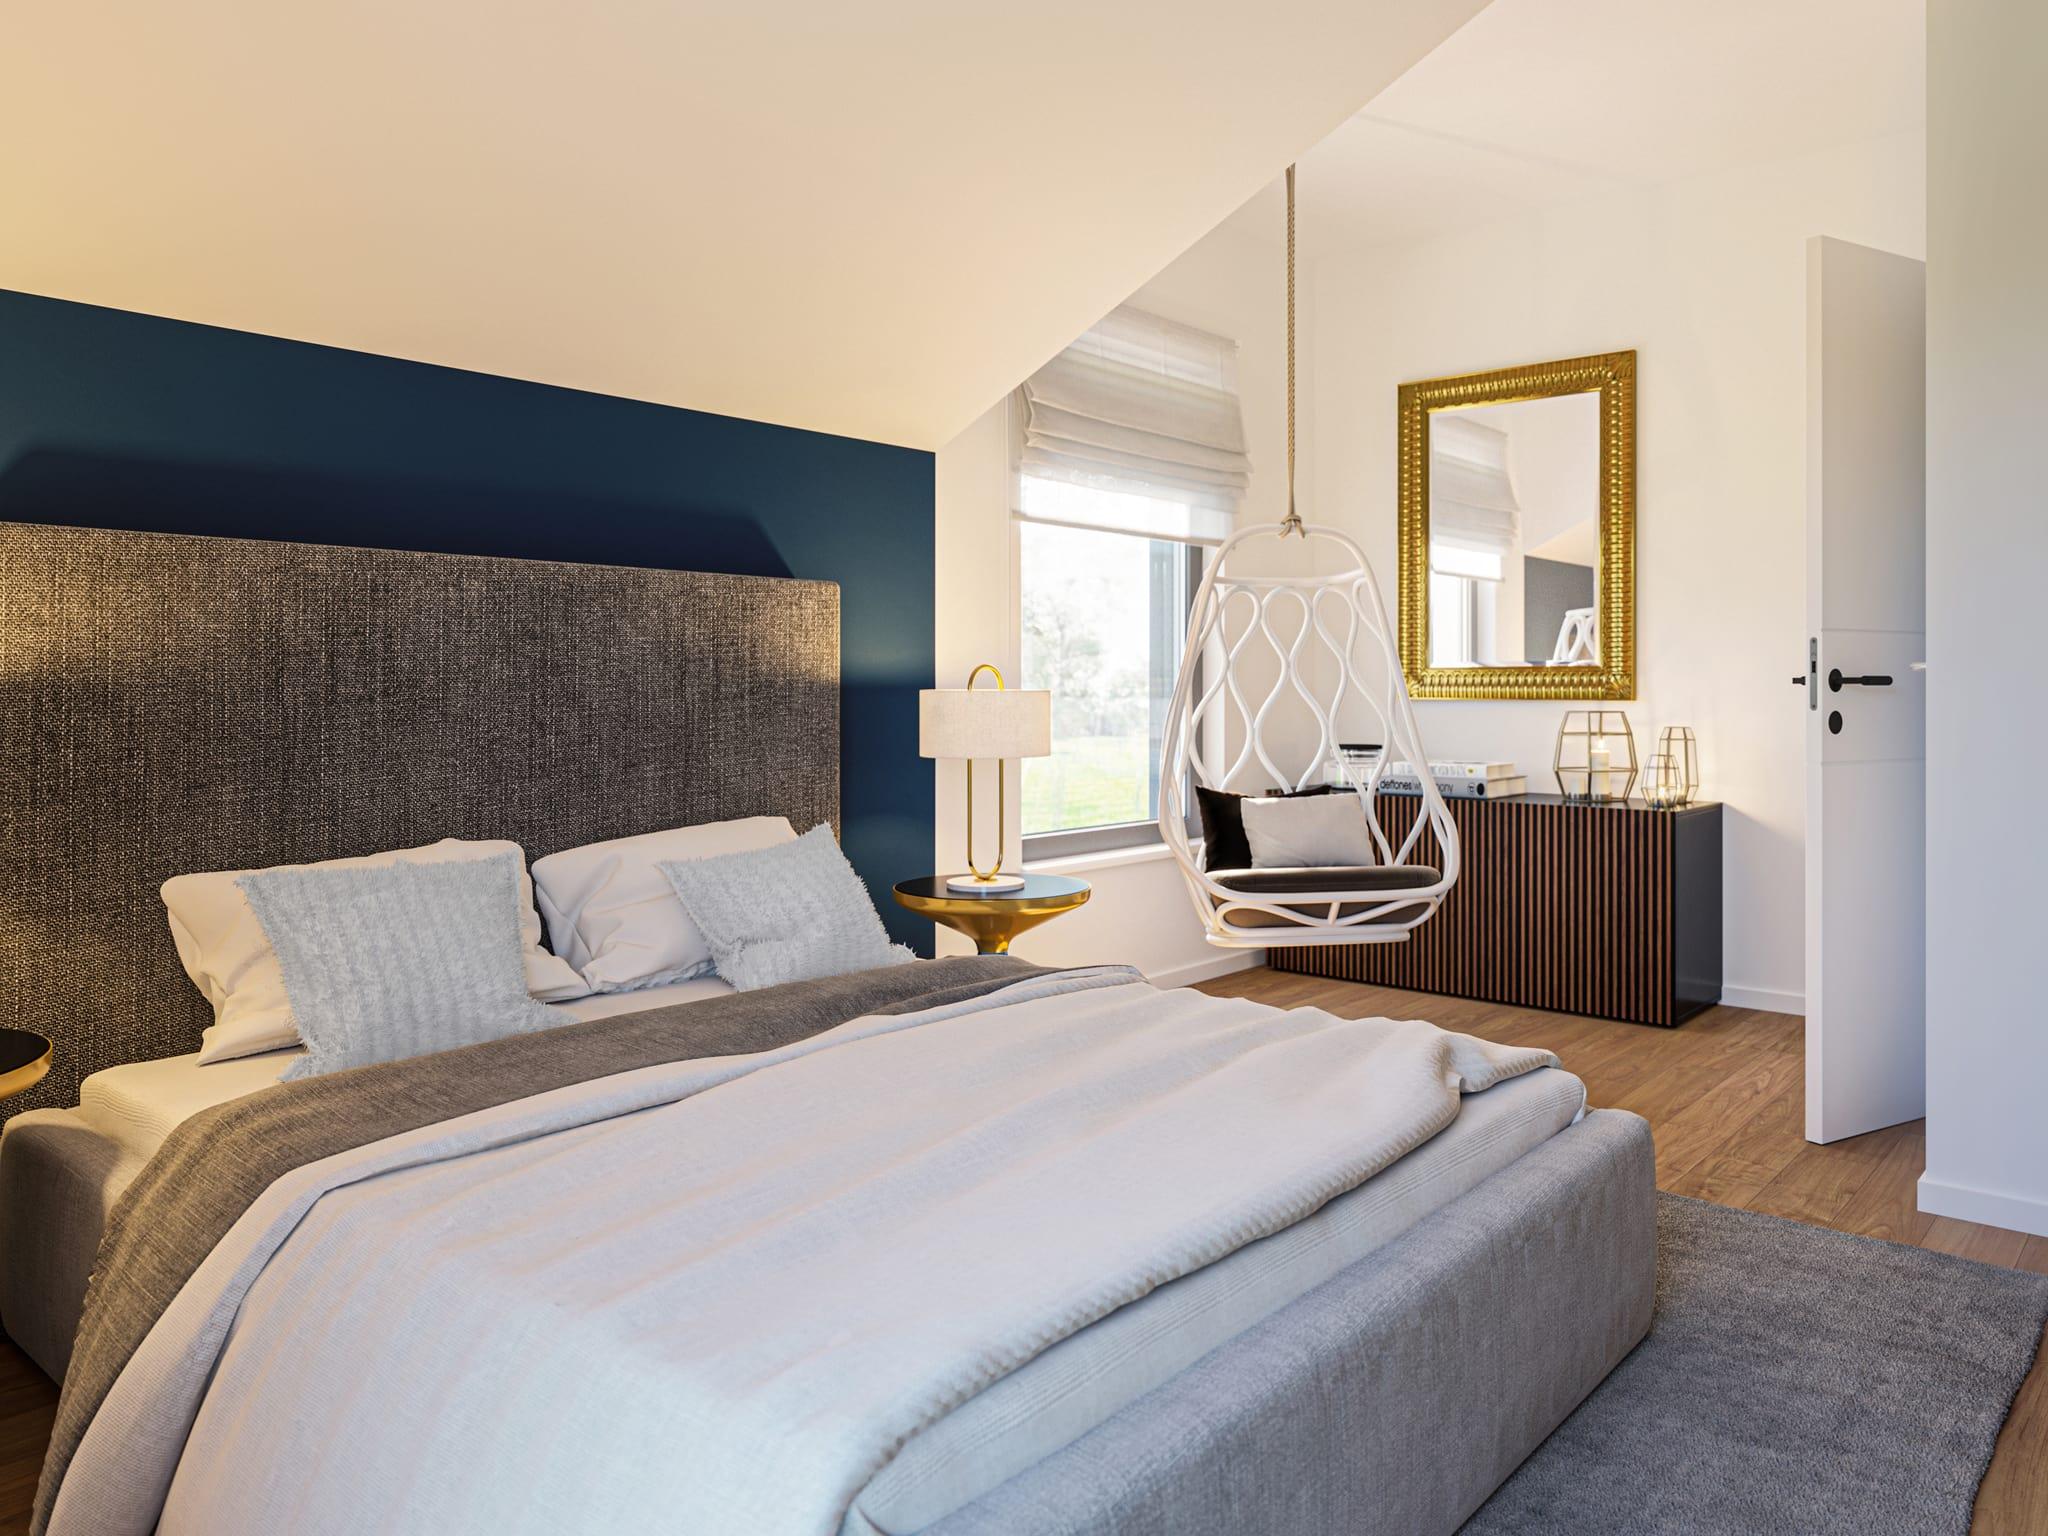 Schlafzimmer Ideen - Haus Design Inneneinrichtung Einfamilienhaus Bien Zenker Fertighaus EDITION 120 V3 - HausbauDirekt.de